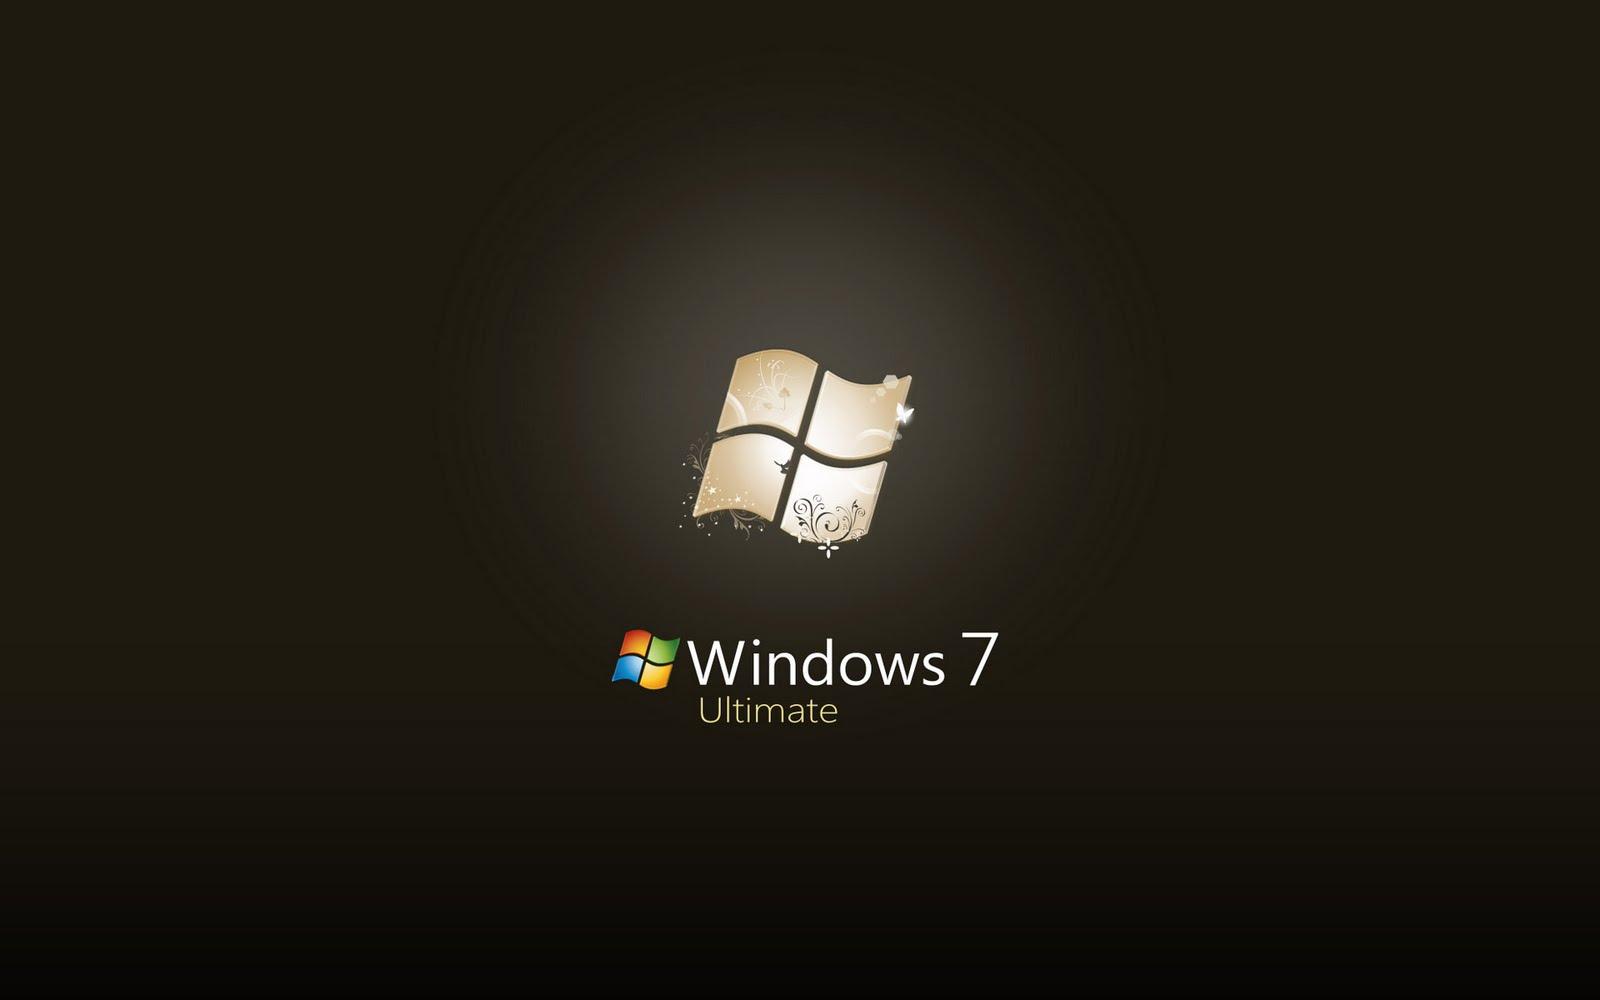 http://3.bp.blogspot.com/-Z6XGG3W4DnM/Tb0jfbHCzYI/AAAAAAAACCM/Fssv7uN_VAA/s1600/Windows+7+Wallpapers+%252838%2529.jpg